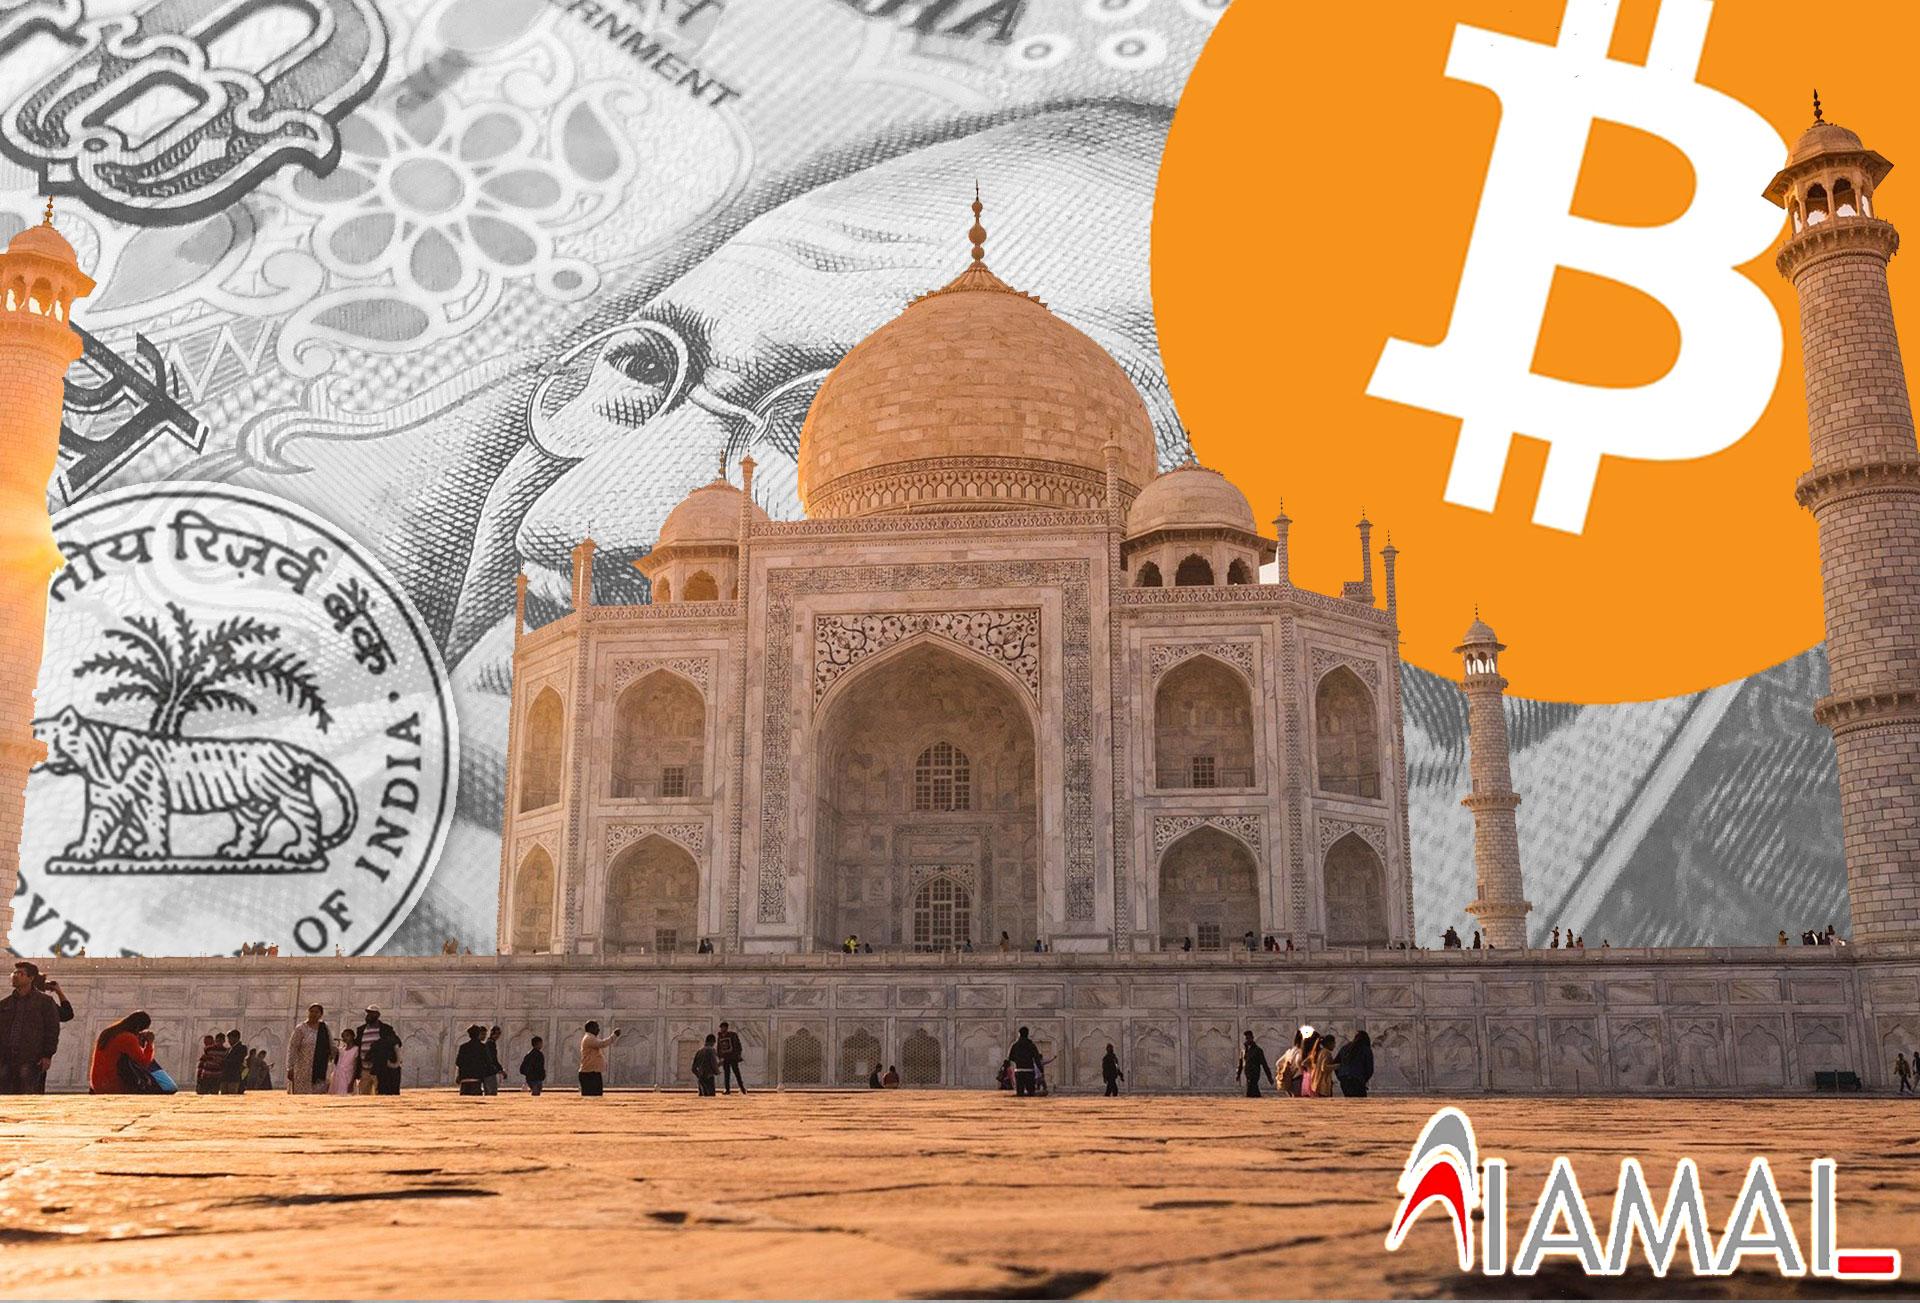 インド最高裁が中央銀行による仮想通貨禁止命令を違法と判断